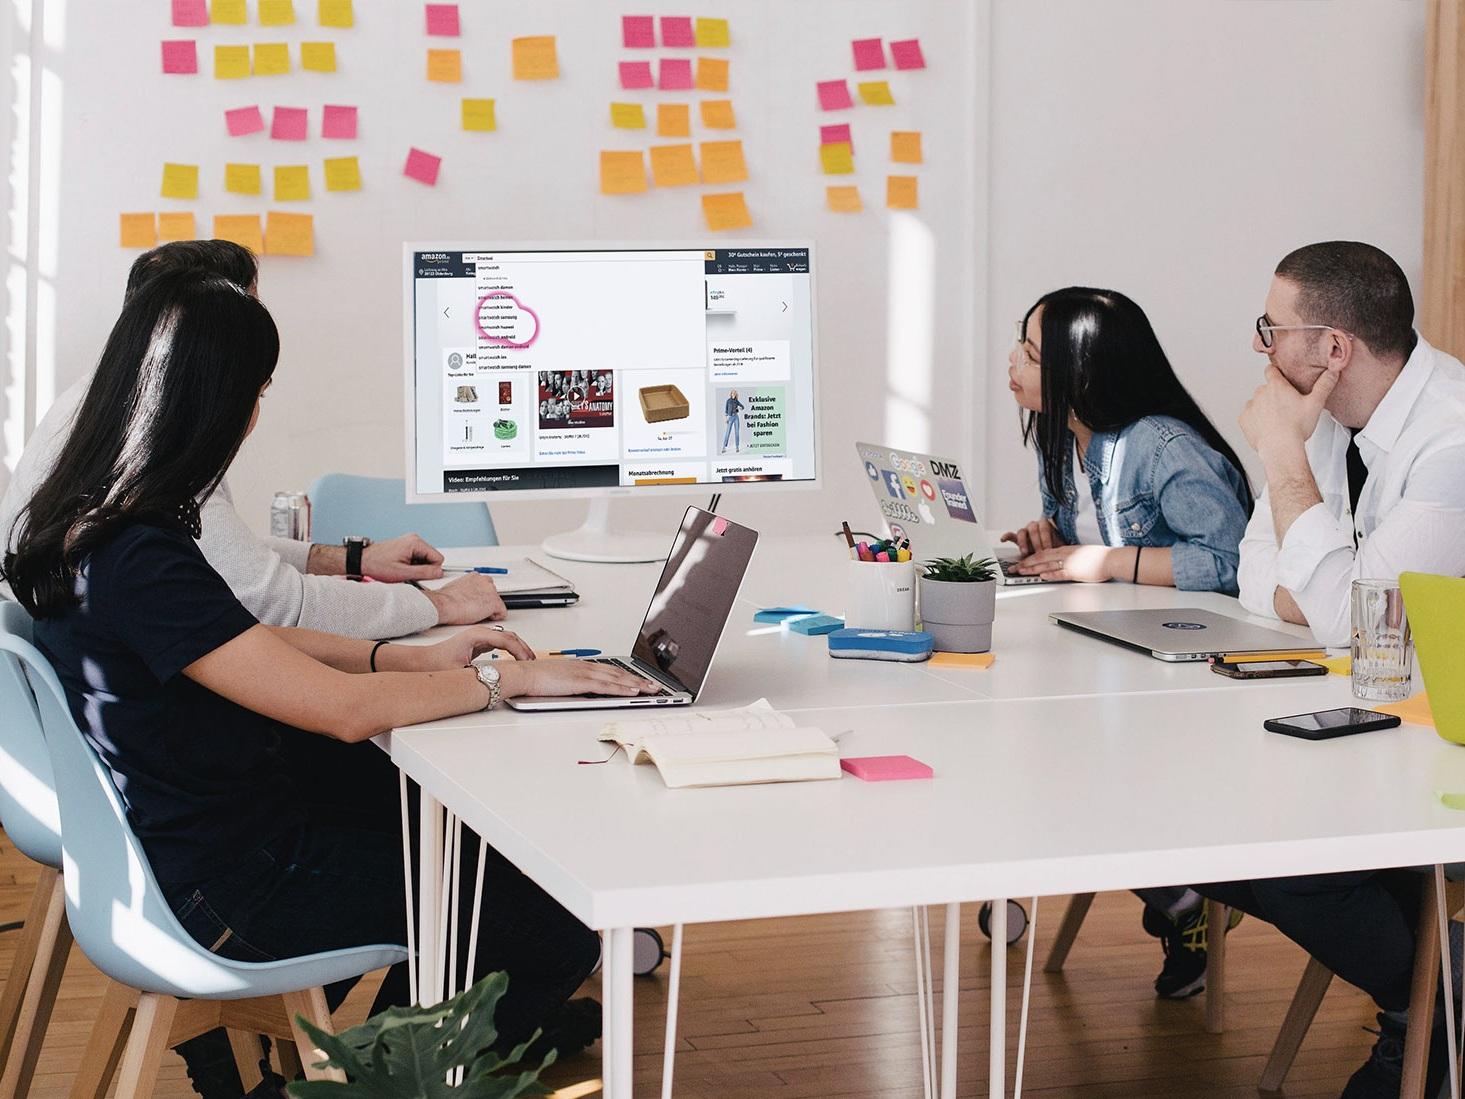 UX TEAM-REVIEW - Schauen Sie mit Ihrem Team über die Schulter Ihrer Anwender. Mittels Videostreaming können Sie und Ihre Kollegen den Usability-Test beobachten. Dank Eye-Tracking-Visualisierung erkennen Sie, was der Anwender sieht und mittels Think-Out-Loud was er denkt.Somit erhalten Sie unmittelbar tiefgreifende Einblicke in die Probleme, Hürden und Verständnisfragen aus der Sicht Ihrer Zielgruppe. Gemeinsam werden die Erkenntnisse und Inspiration gesammelt, priorisiert und als Arbeitspakete zurück in die Entwicklungsorganisation geführt.Einsatzzweck• Sie wollen Ihr digitales Produkt, Service oder Prototyp testen• Sie wollen die Wahrnehmung und Gebrauchstauglichkeit Ihrer Lösung und Oberfläche überprüfen• Sie wünschen sich, dass Ihr gesamtes Team Erkenntnisse, sowie Empathie für Ihre Anwender gewinnt